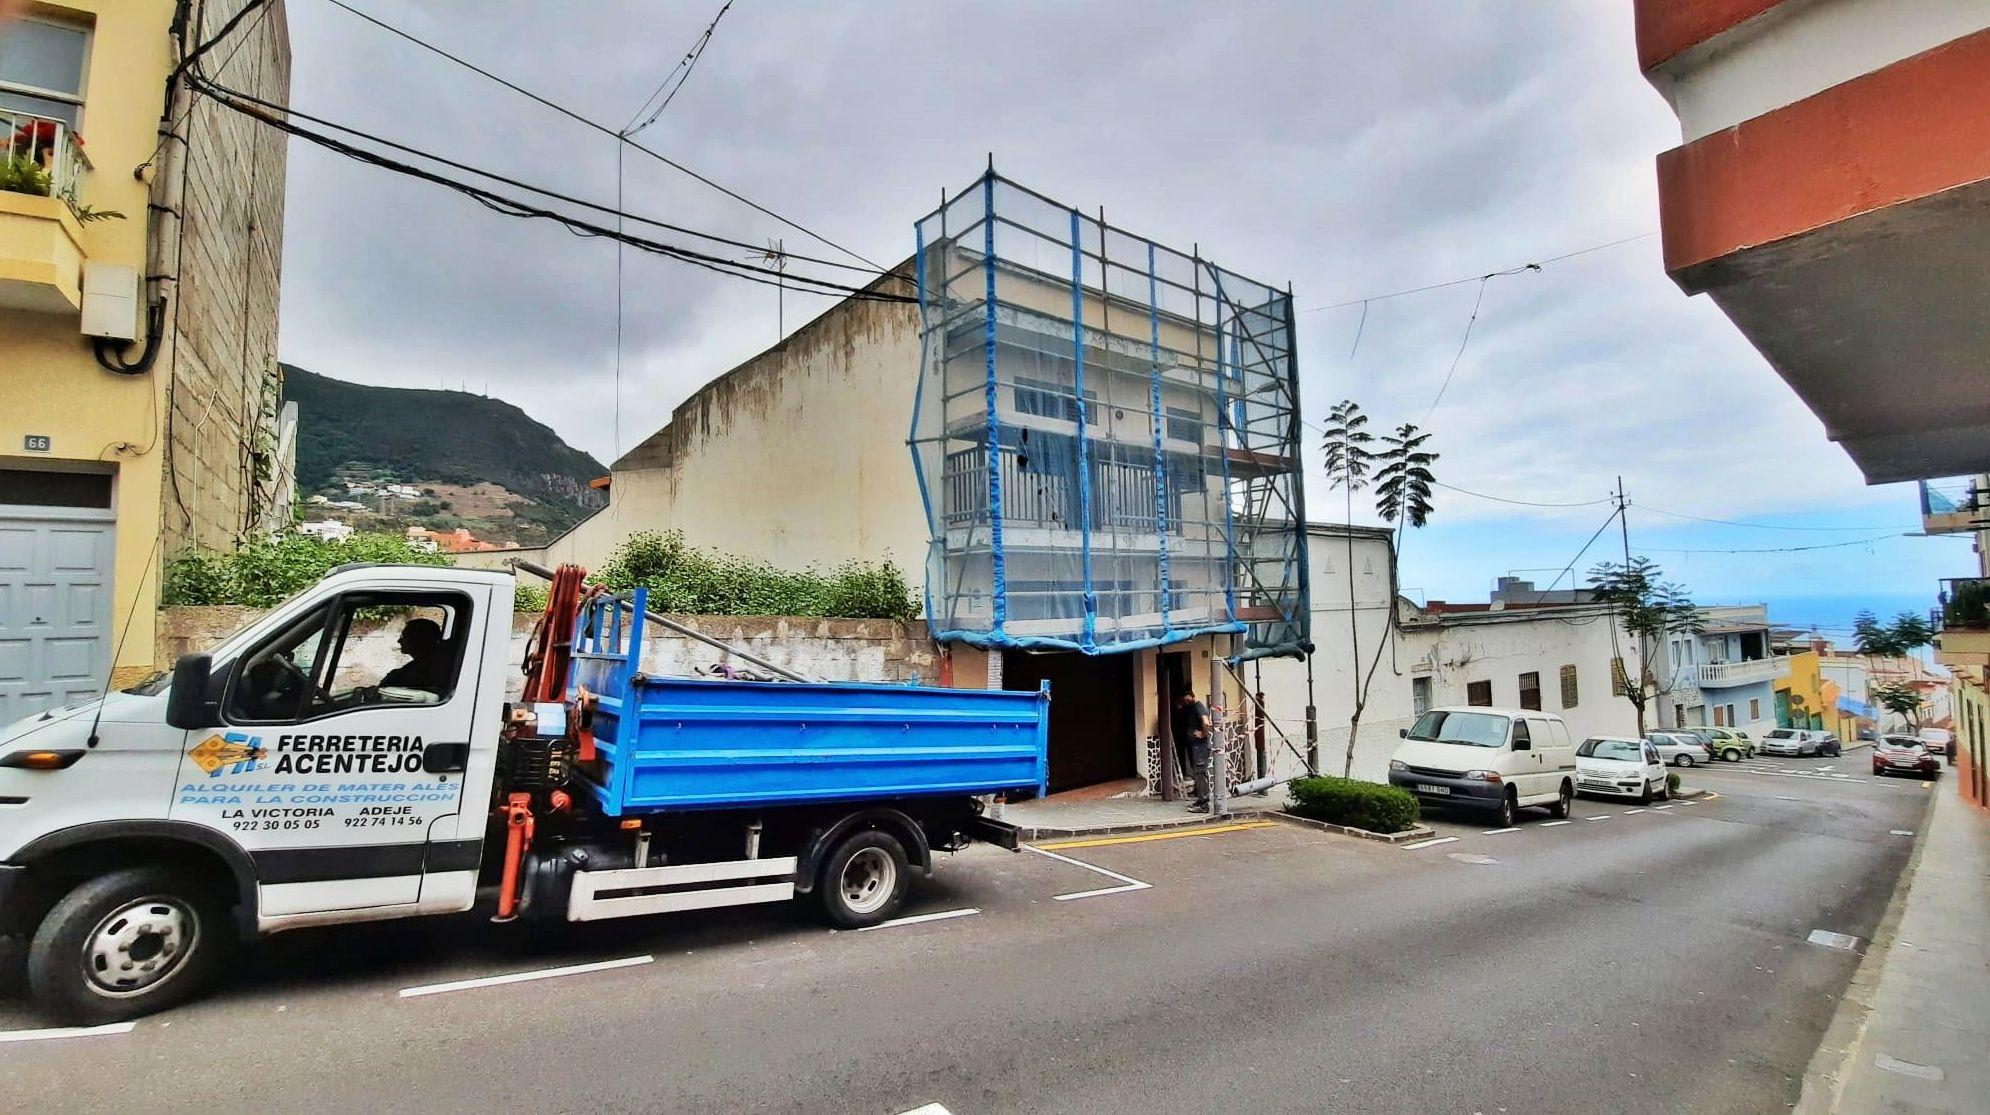 Andamio de fachada. Tenerife.